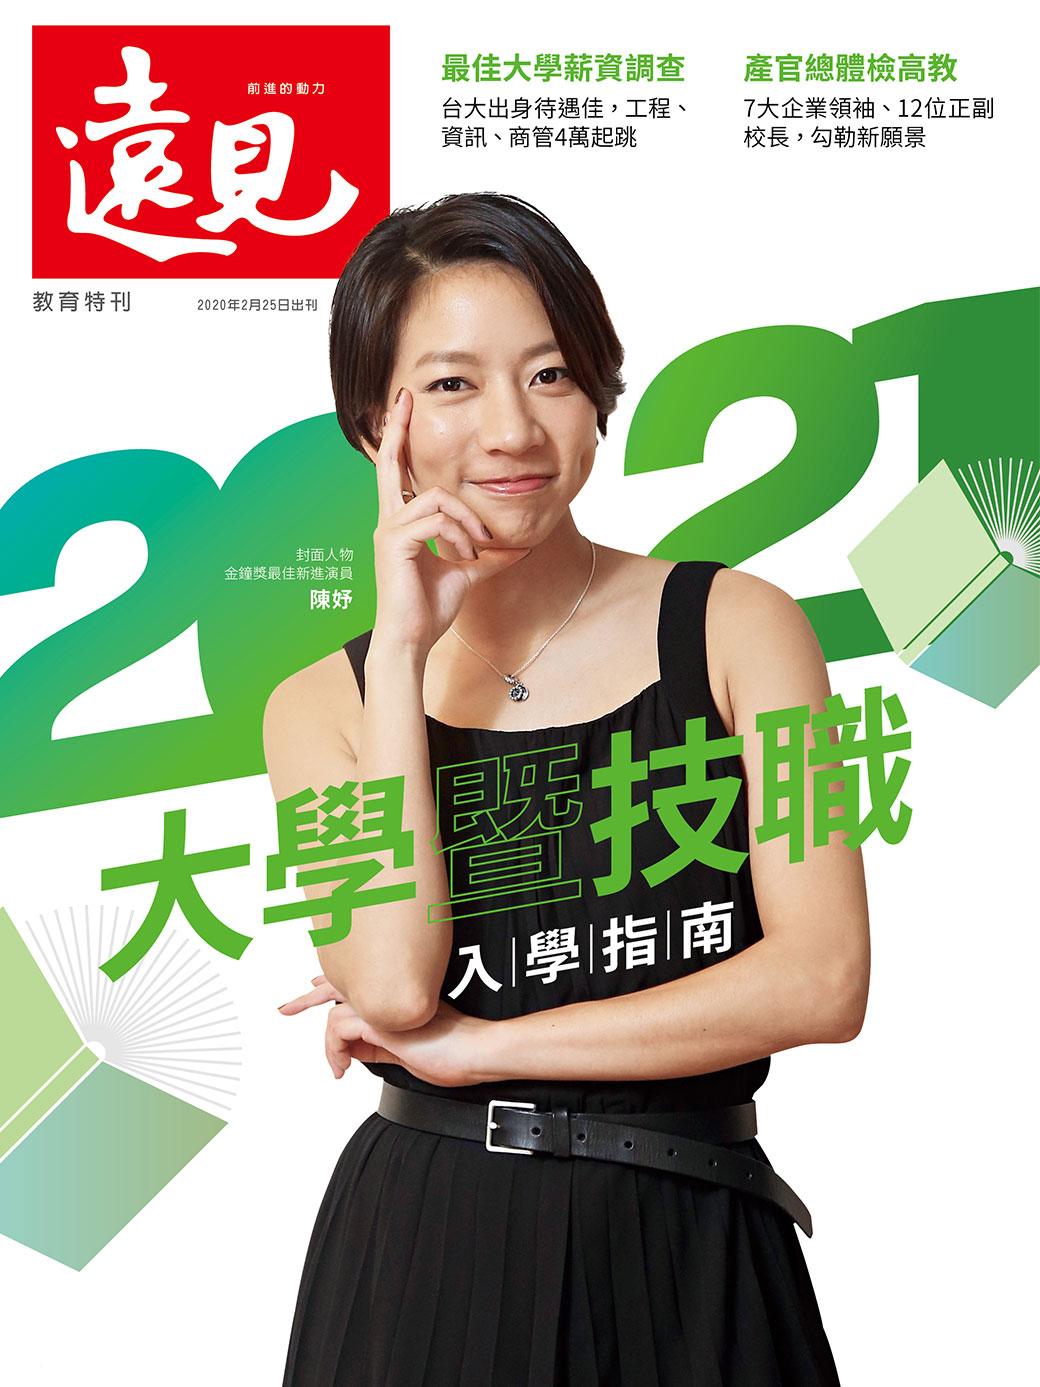 2021大學暨技職入學指南